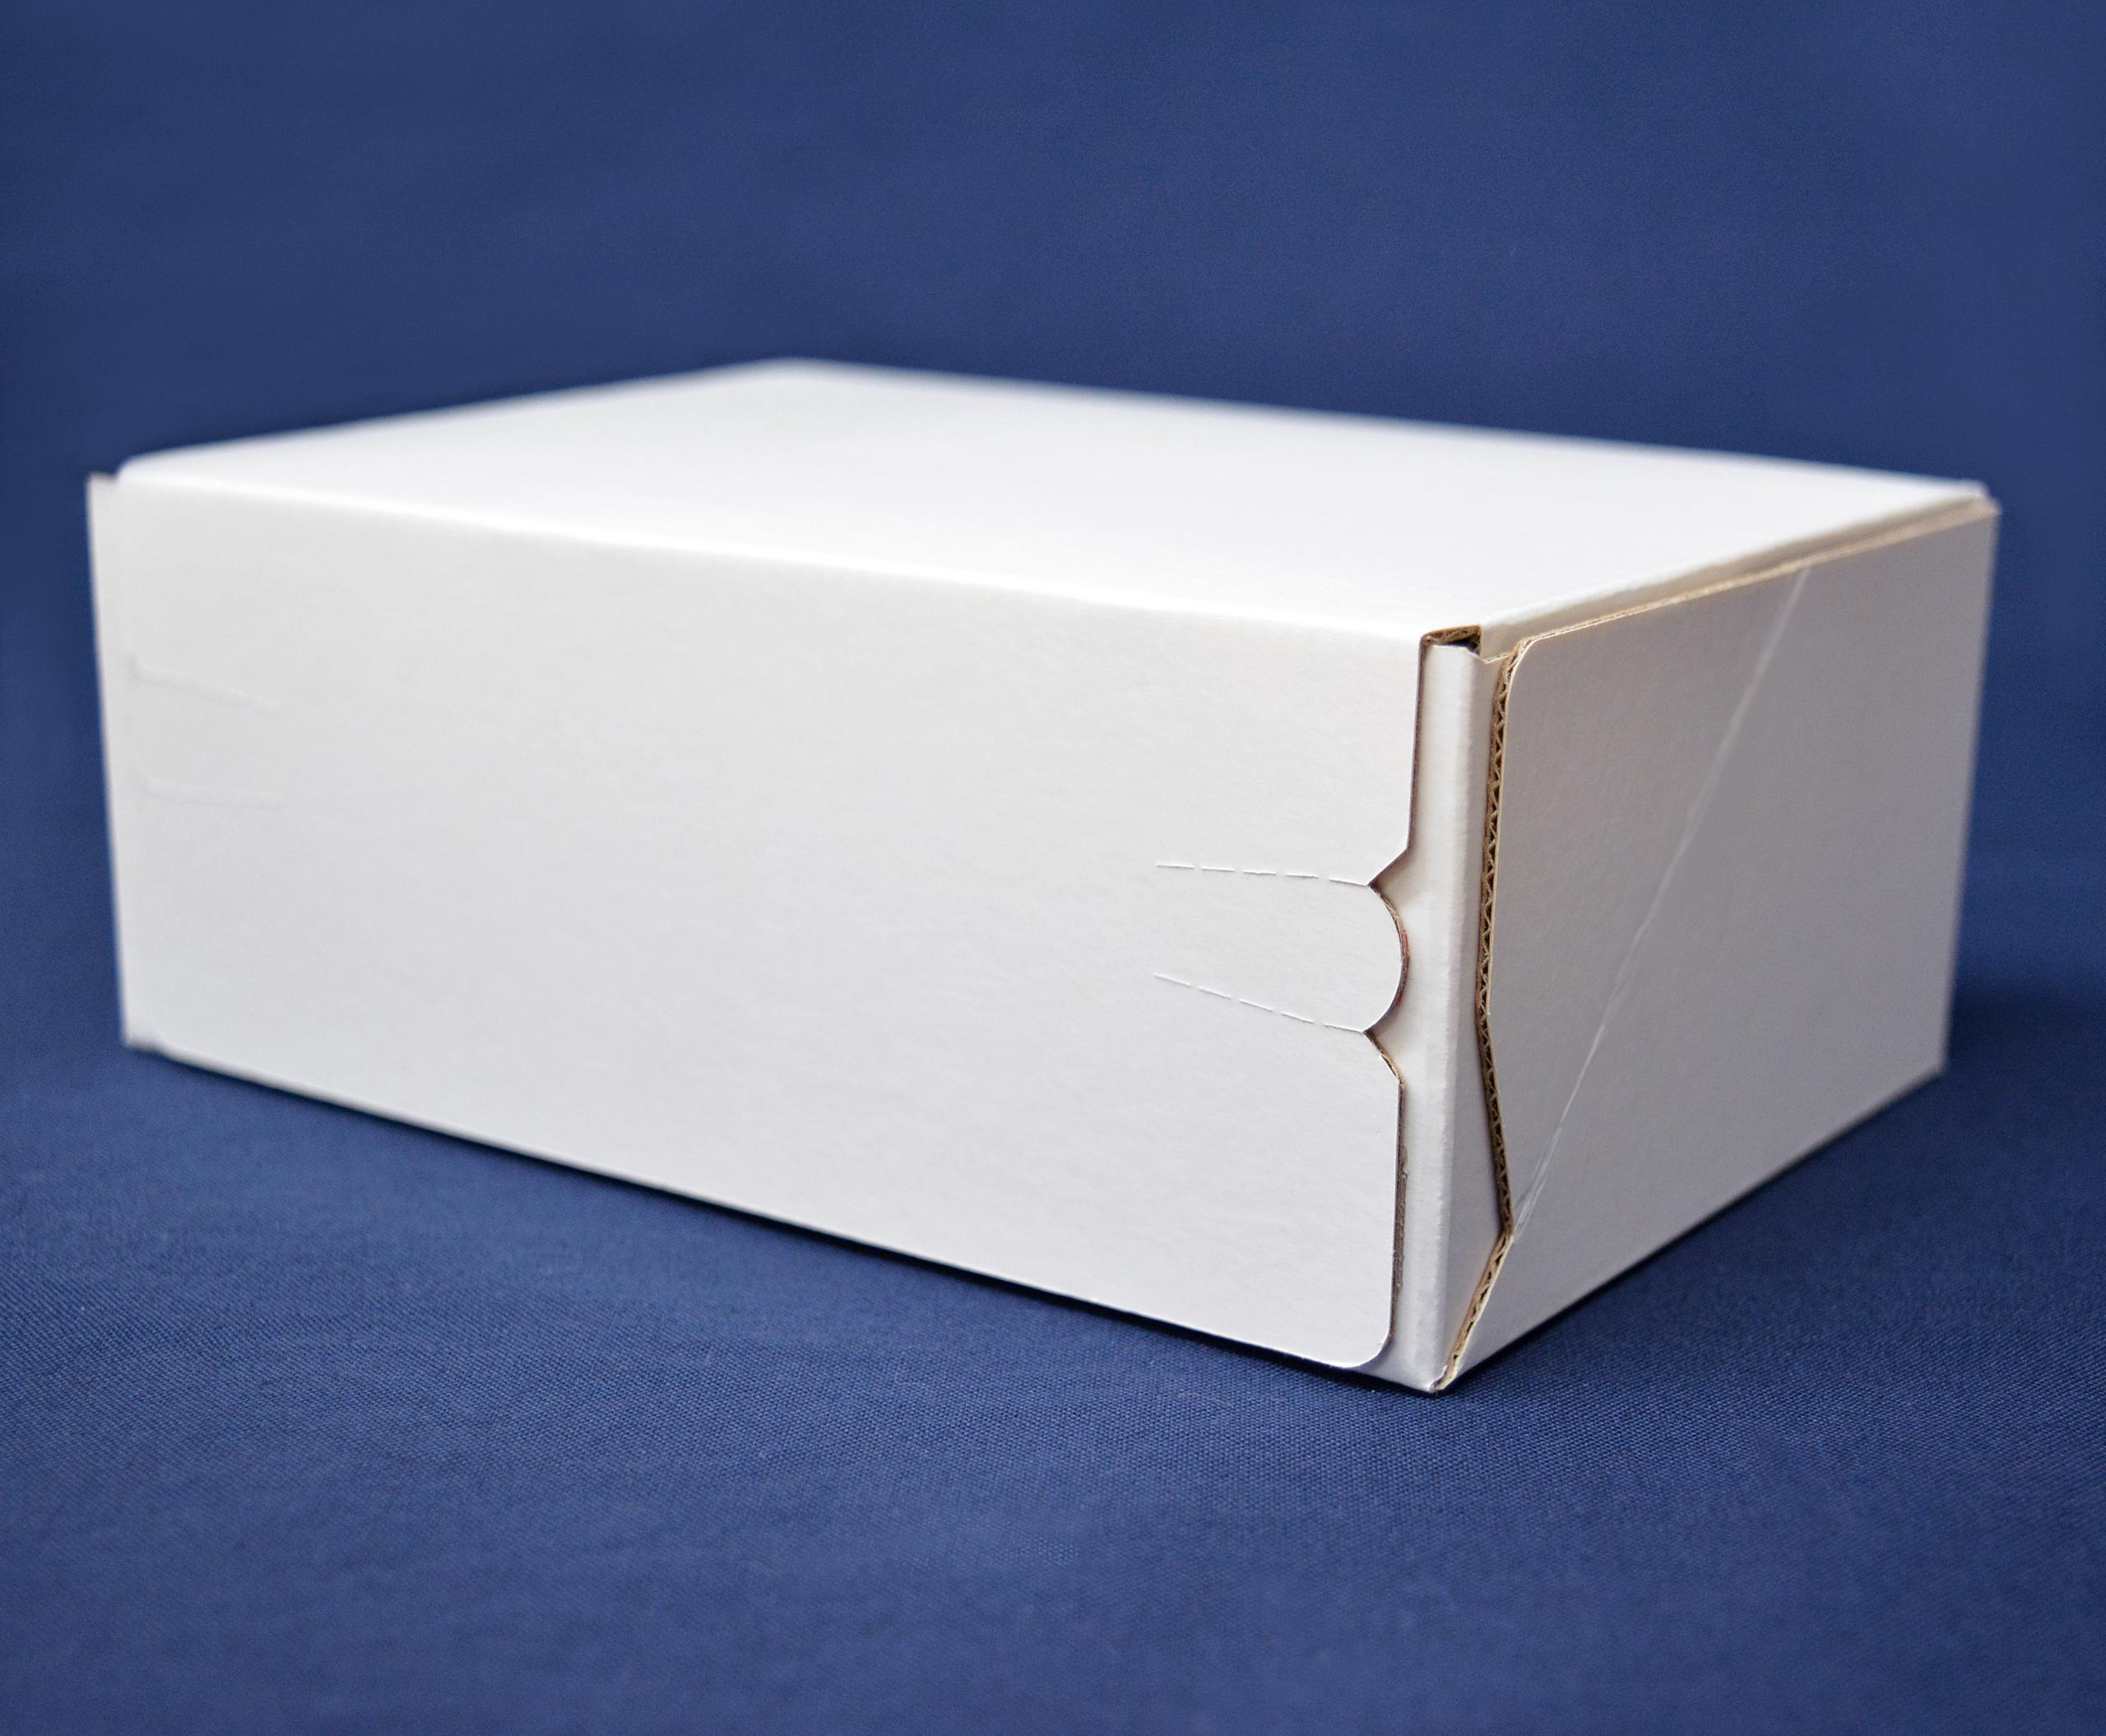 E-handel ökar förpackning